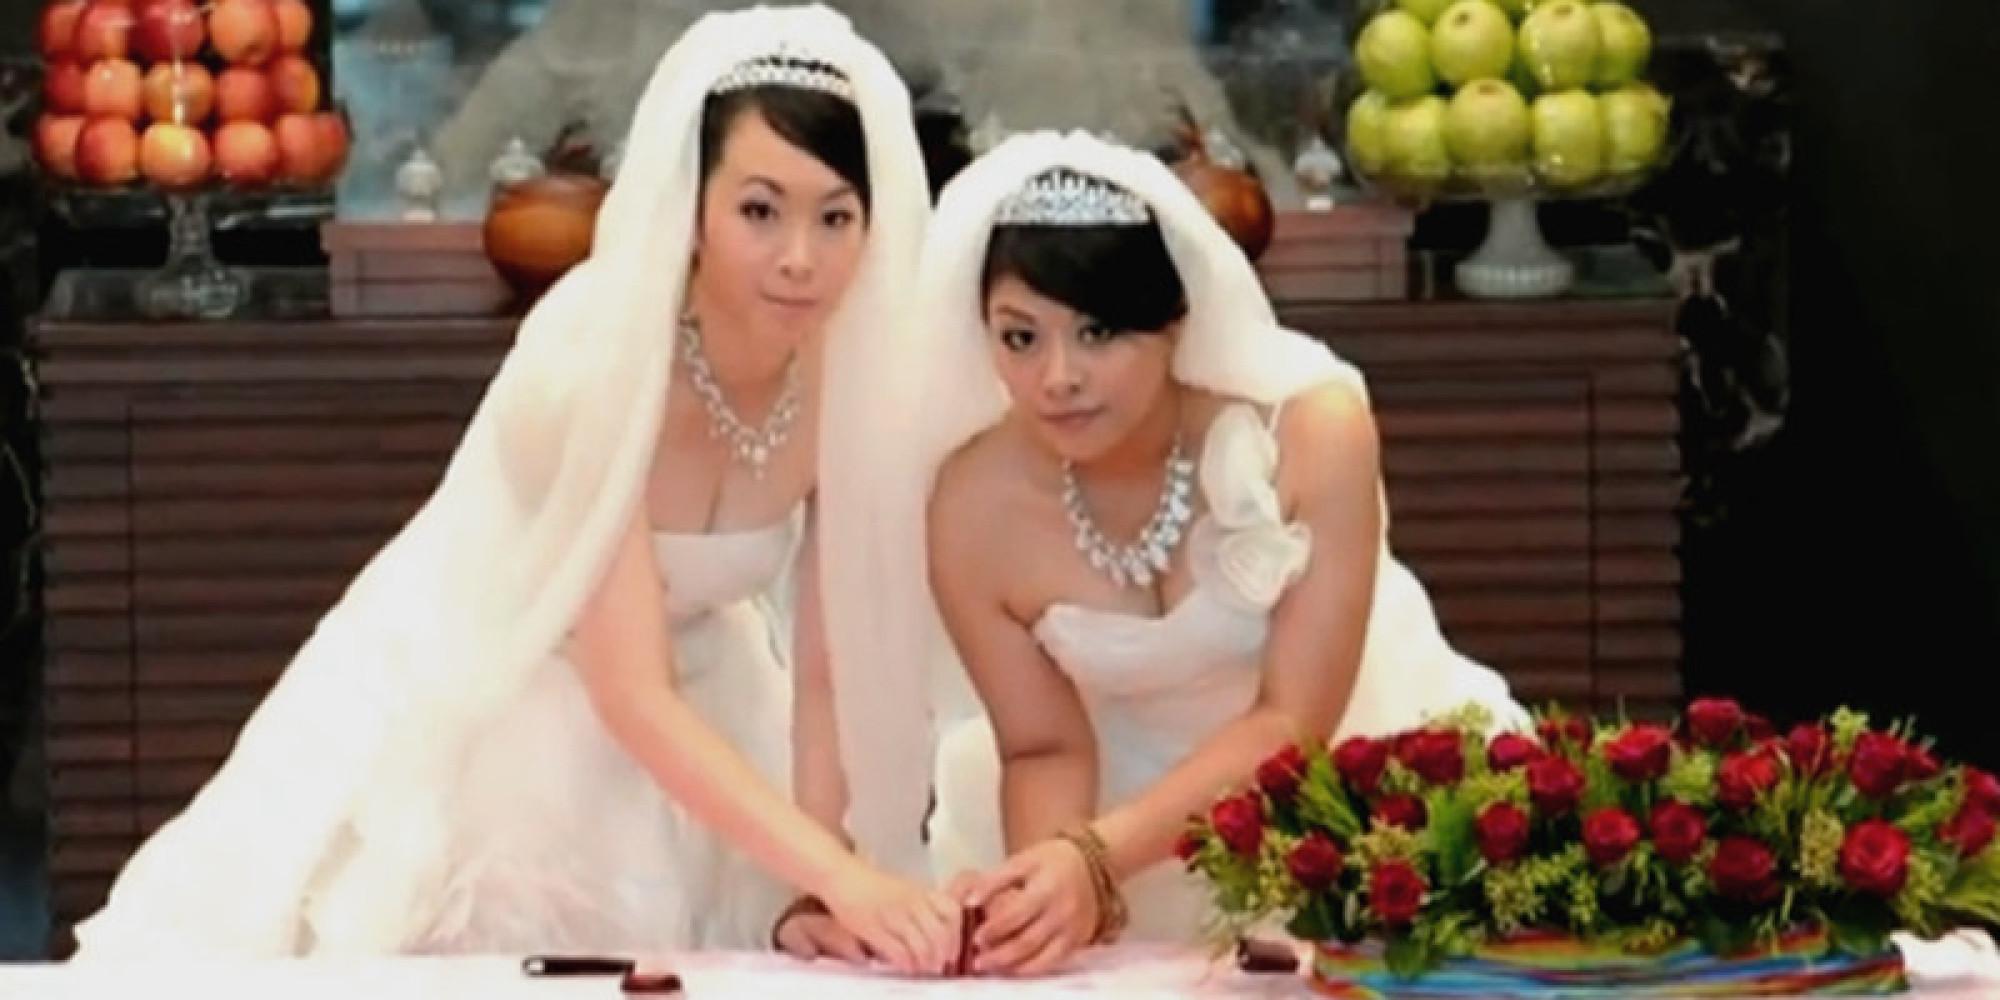 Le mariage homosexuel en droit franais - Doc du Juriste